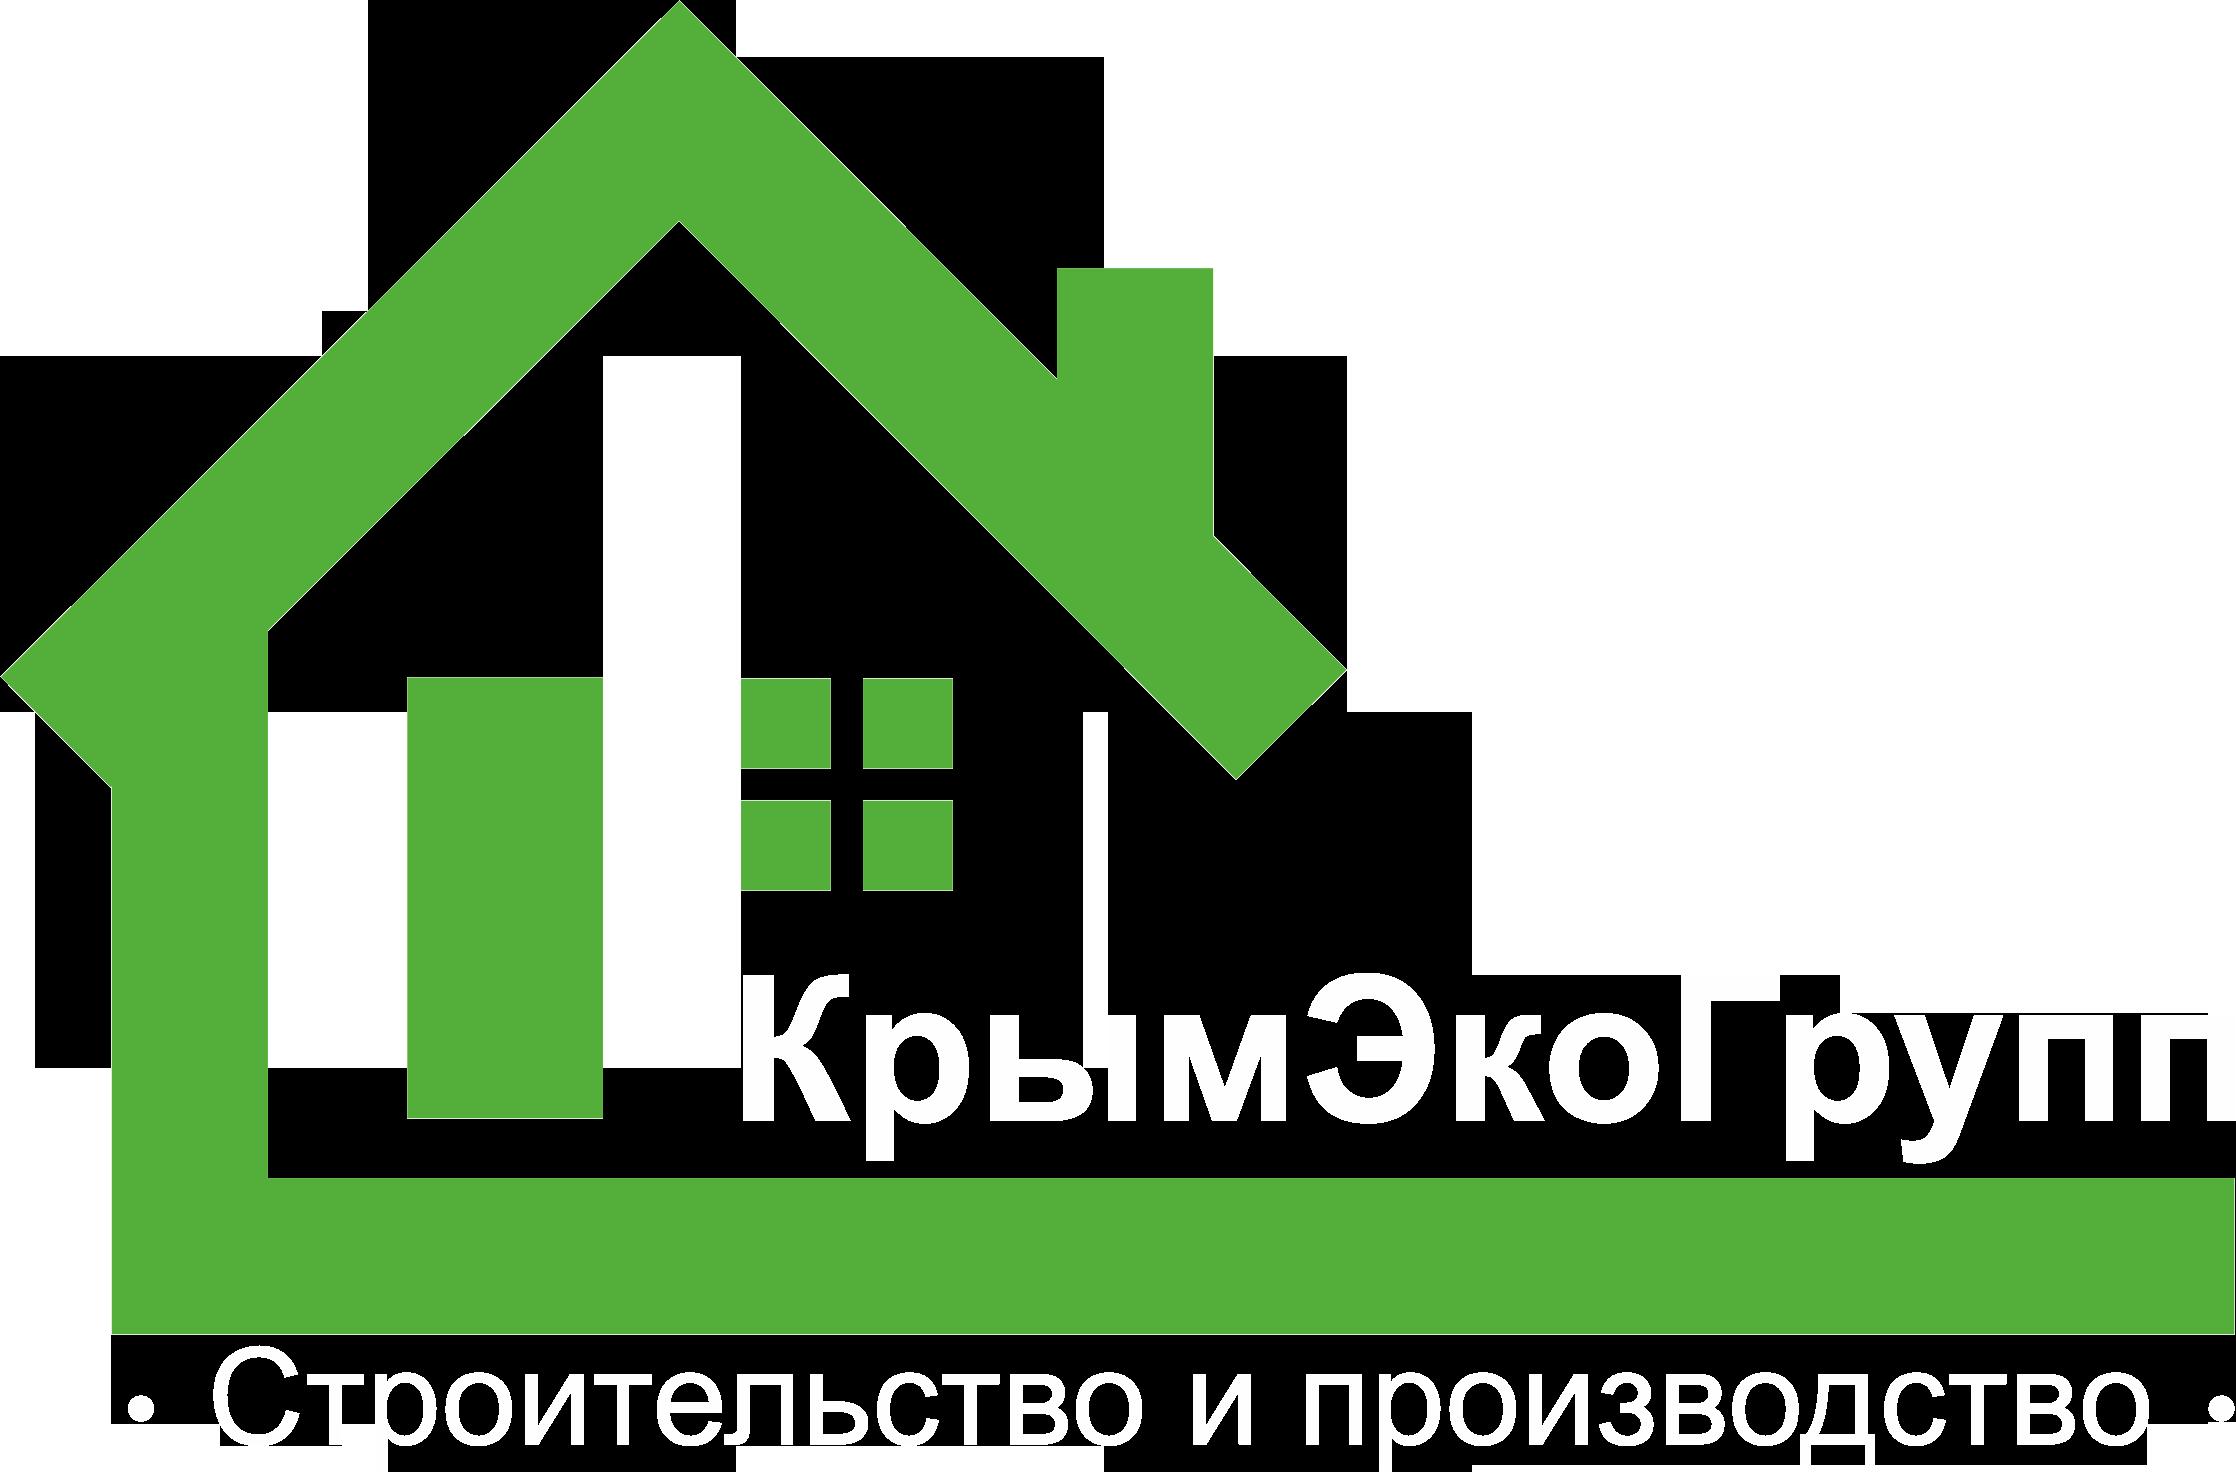 Логотип ООО КрымЭкоГрупп